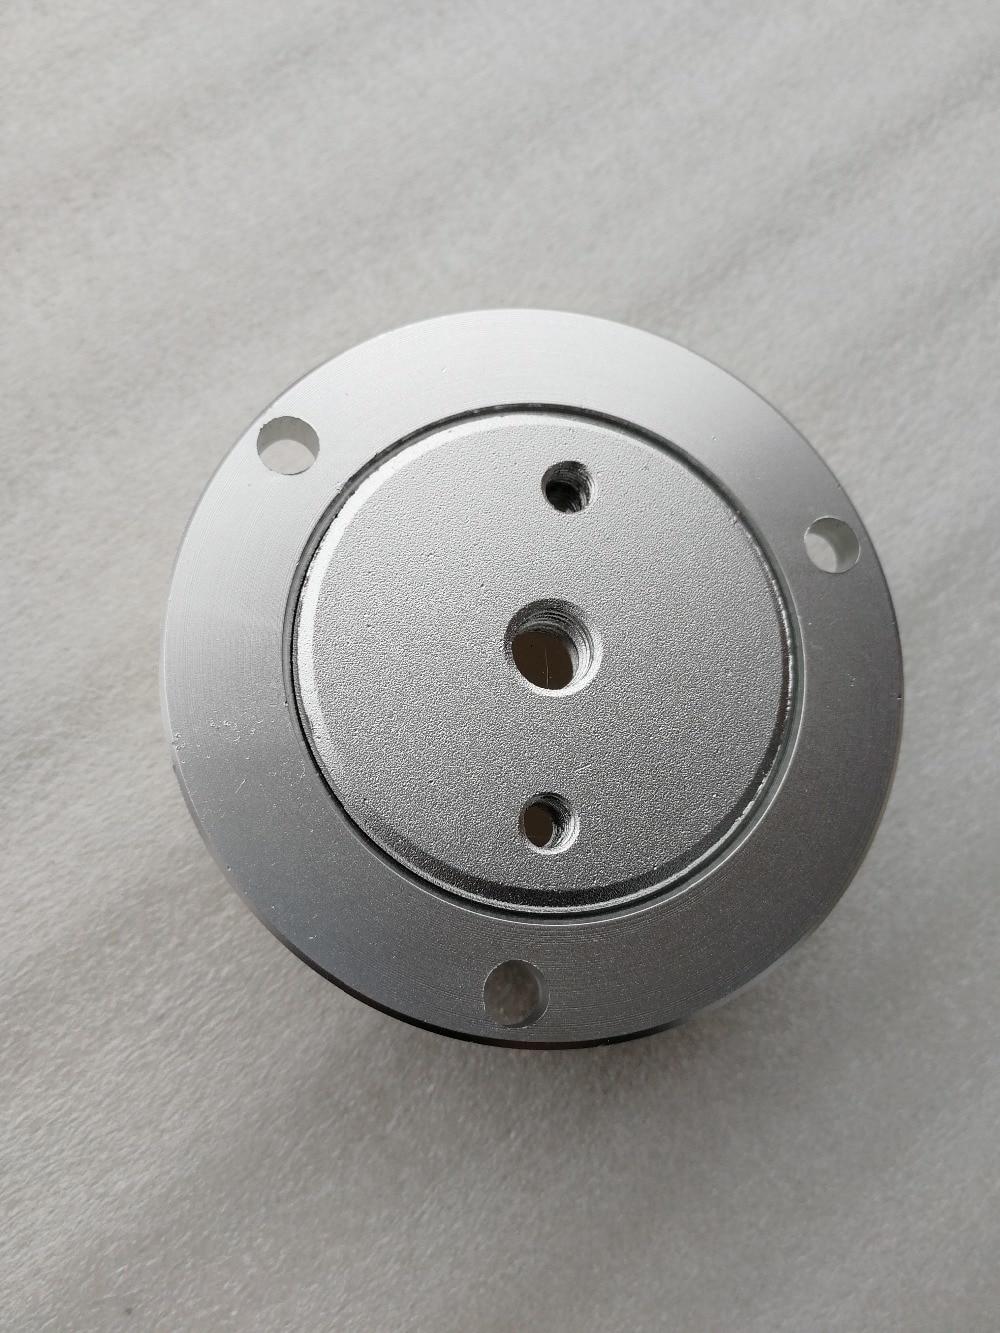 EAS hard tag Remover super magnetyczny odłączacz tagów alarmowych - Bezpieczeństwo i ochrona - Zdjęcie 4